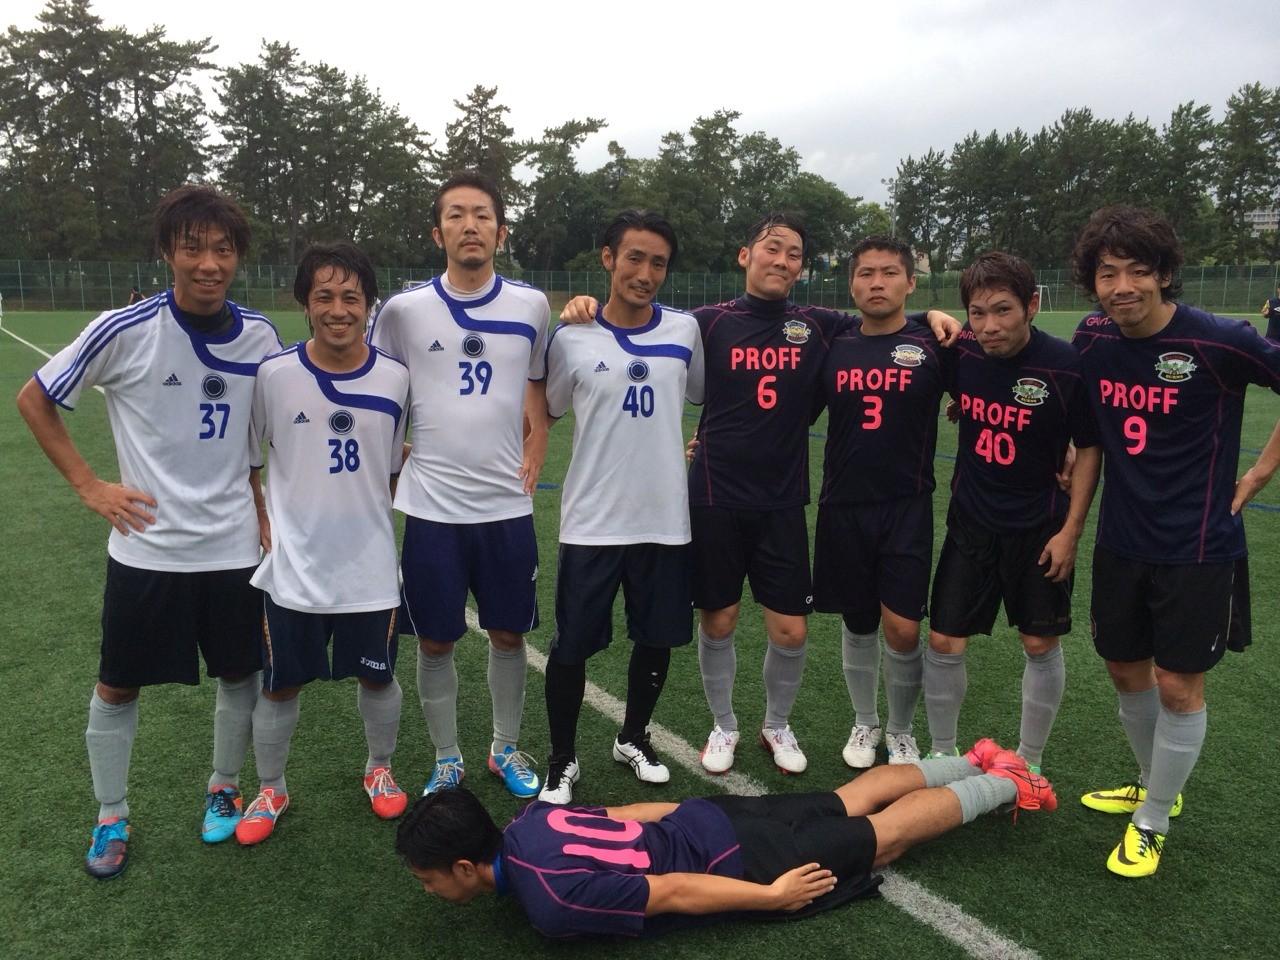 2014/8/16 服部緑地人工芝サッカー場 vs Atletico vs バッジーナ大阪